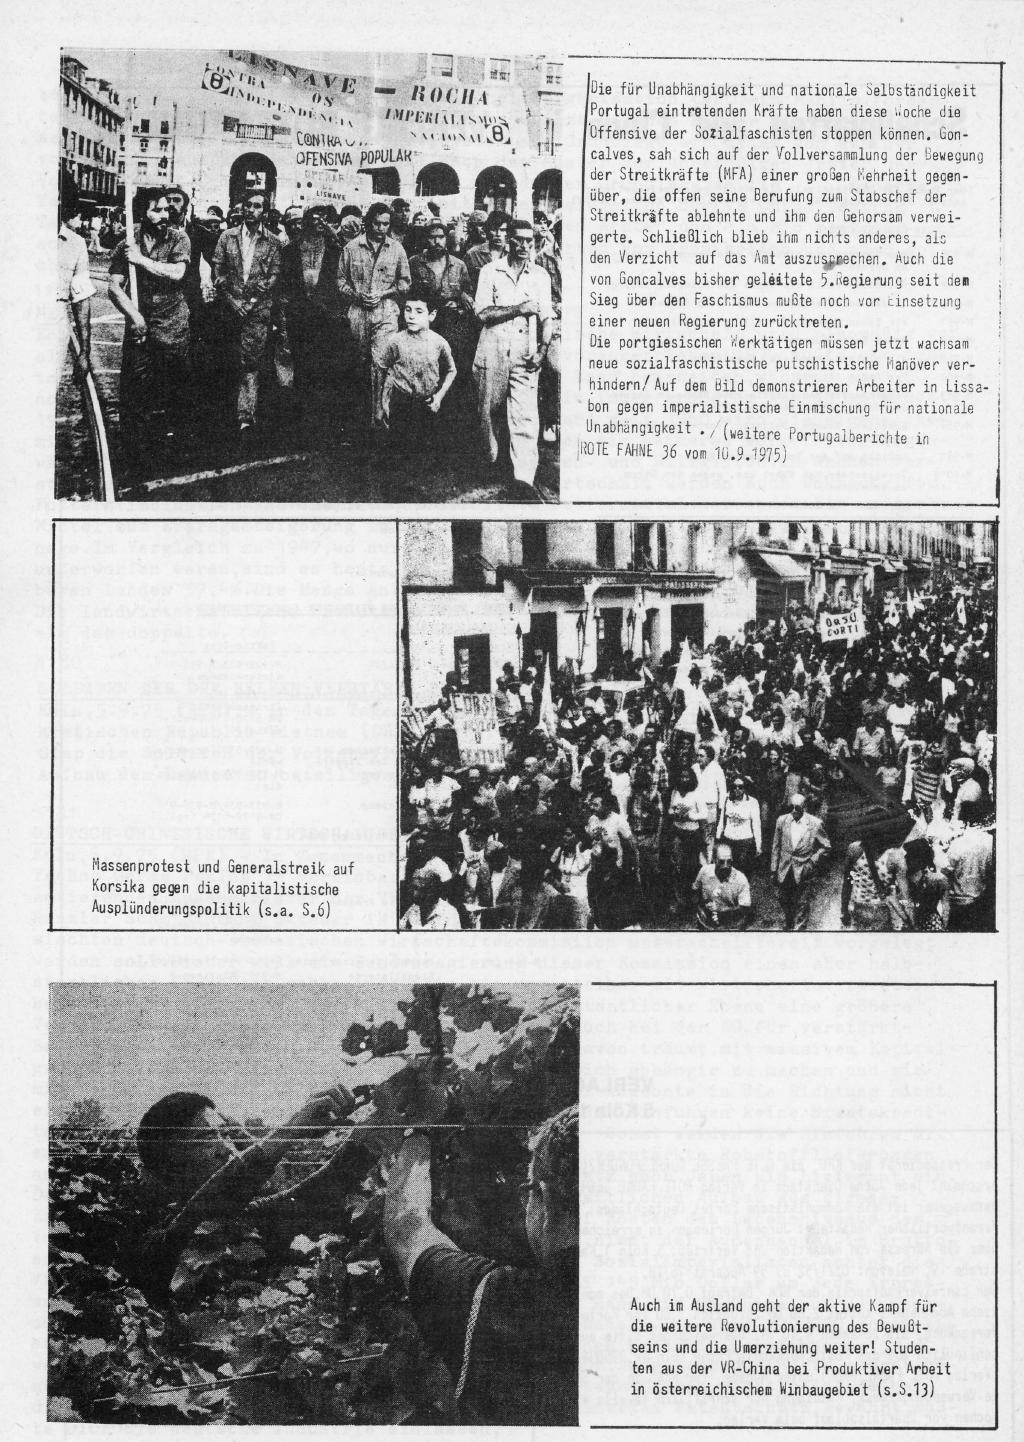 RPK_Pressedienst_1975_42_16